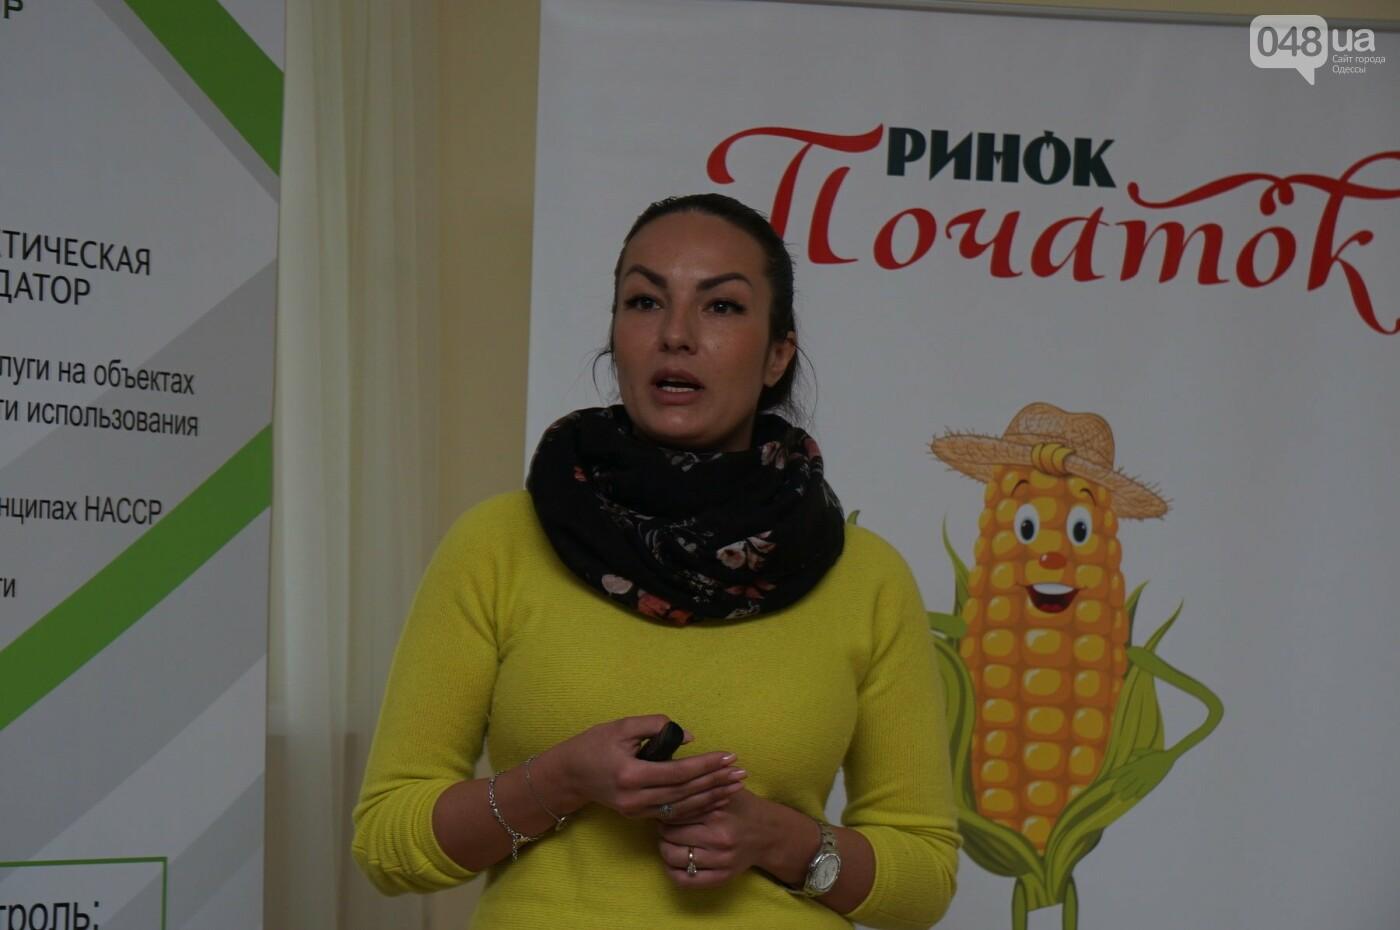 Прибыльные цепочки поставок свежих овощей и фруктов: снимать ли асфальт?, фото-2